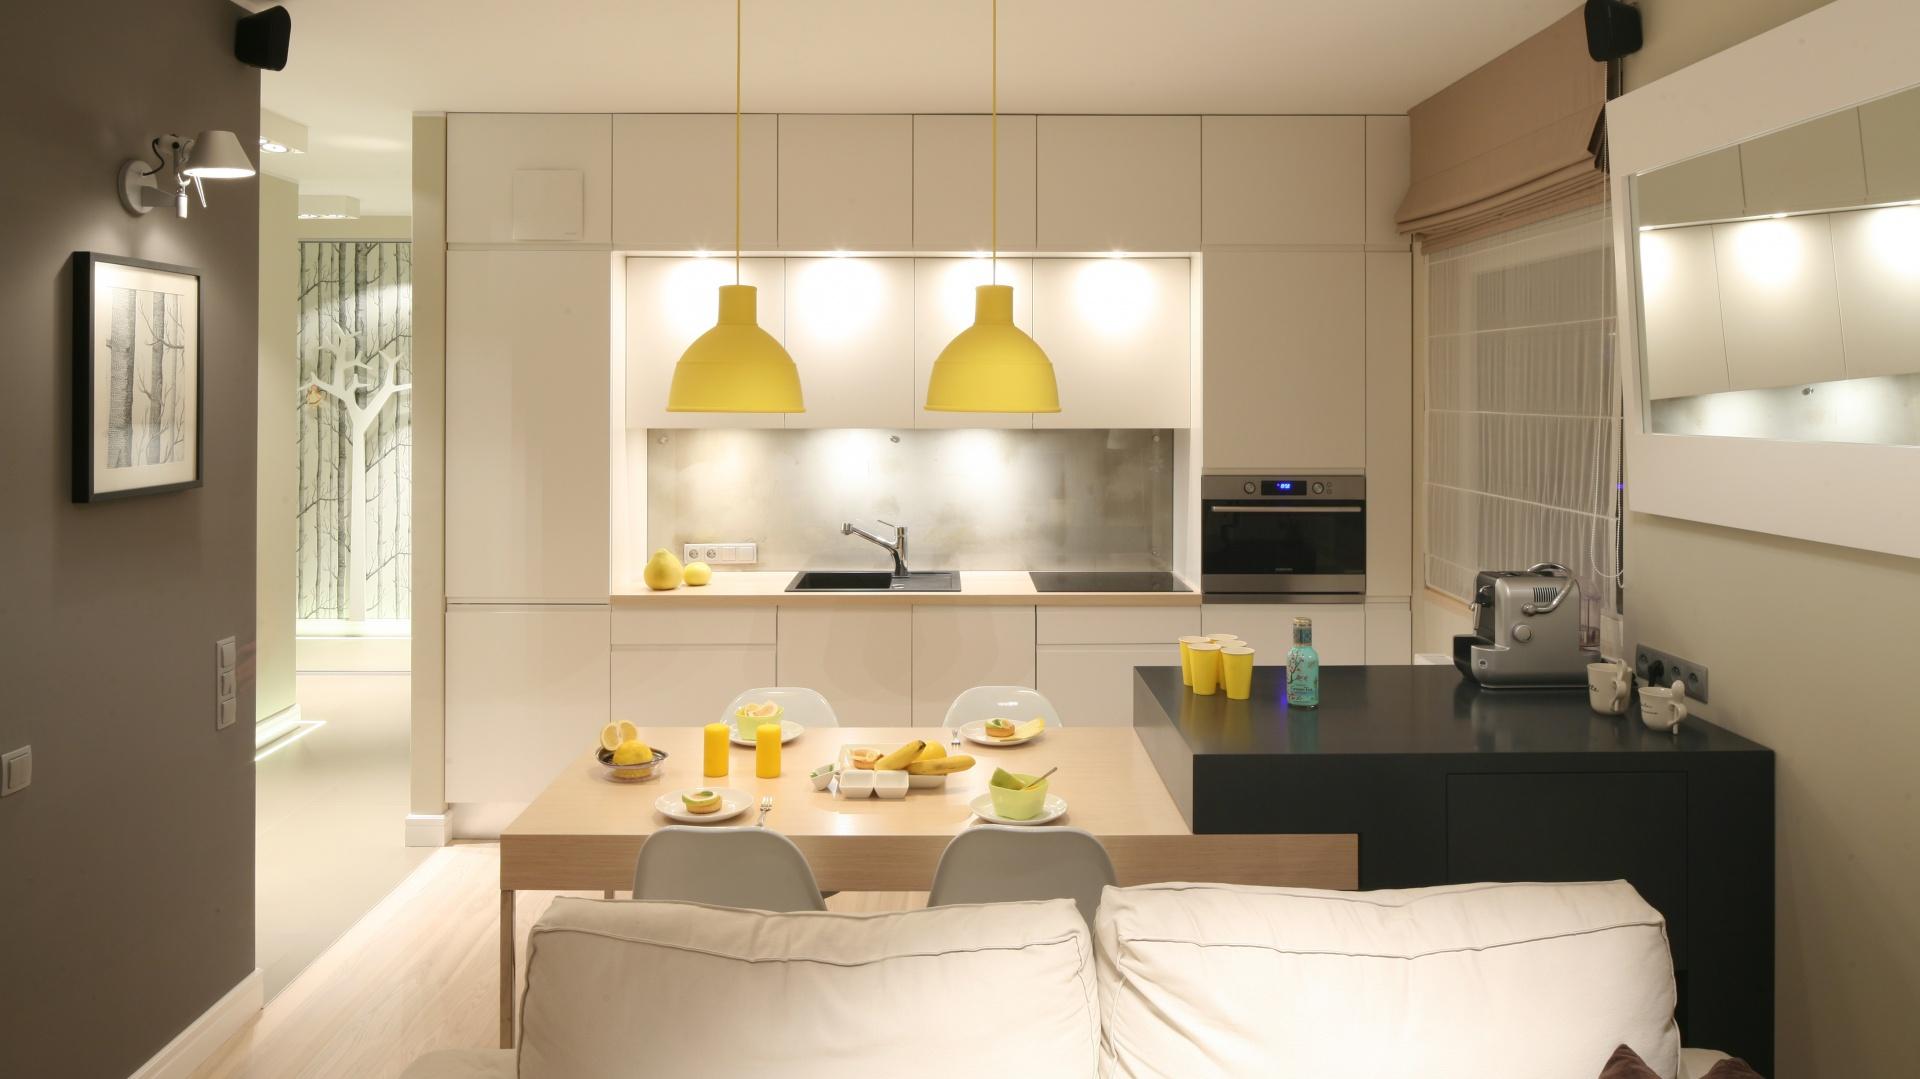 Kuchni do salonu oddziela ma a kuchnia zobaczcie for Projekty kuchni z salonem